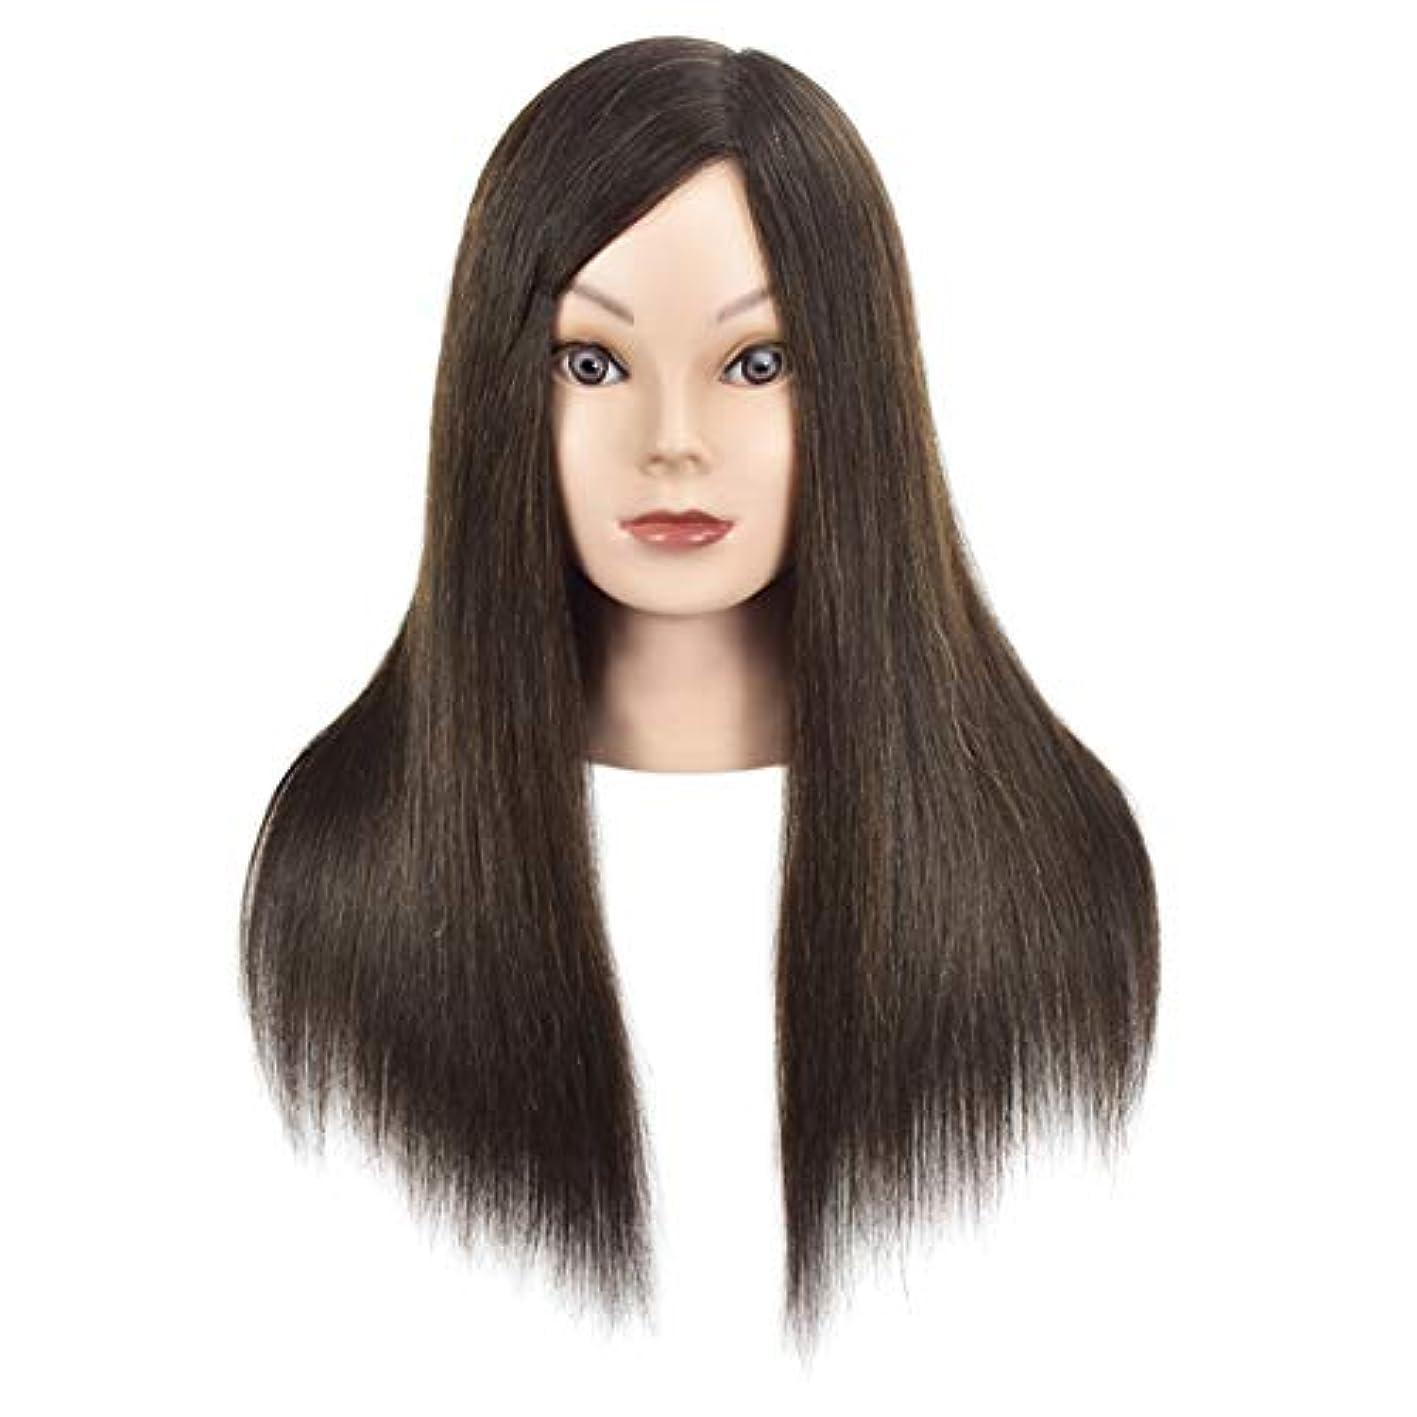 ブロー衰えるアルバニー理髪店トリミングヘアエクササイズヘッドモールドメイクモデリング学習マネキンダミーヘッドブラック